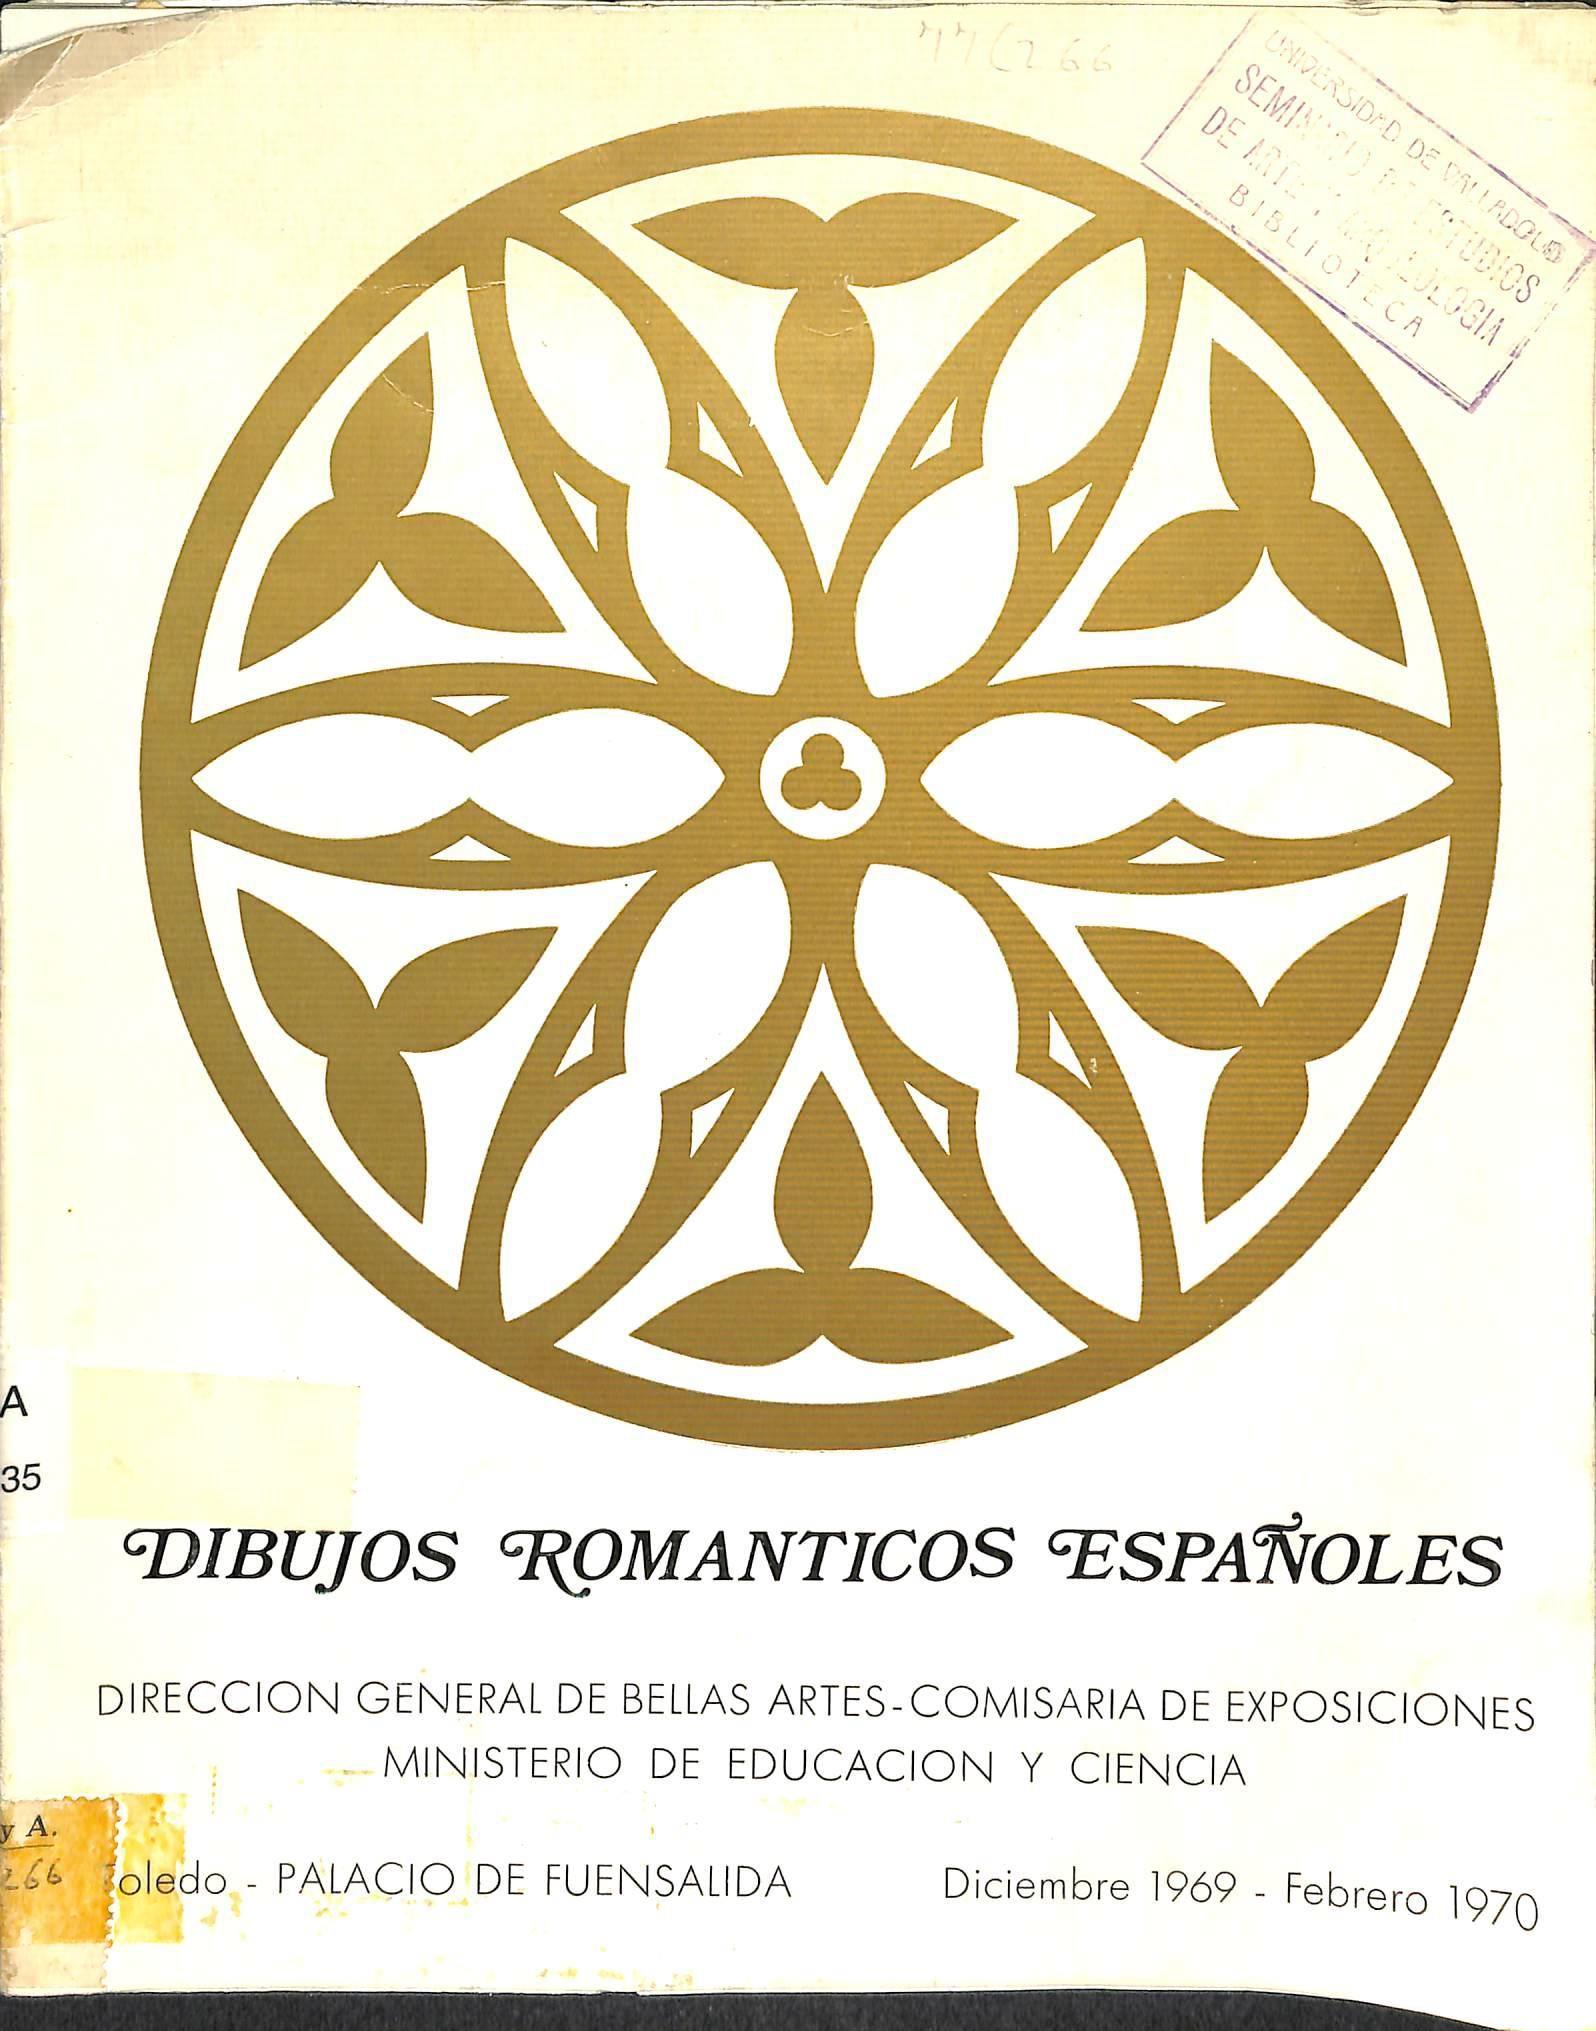 Dibujos románticos españoles : [exposición]